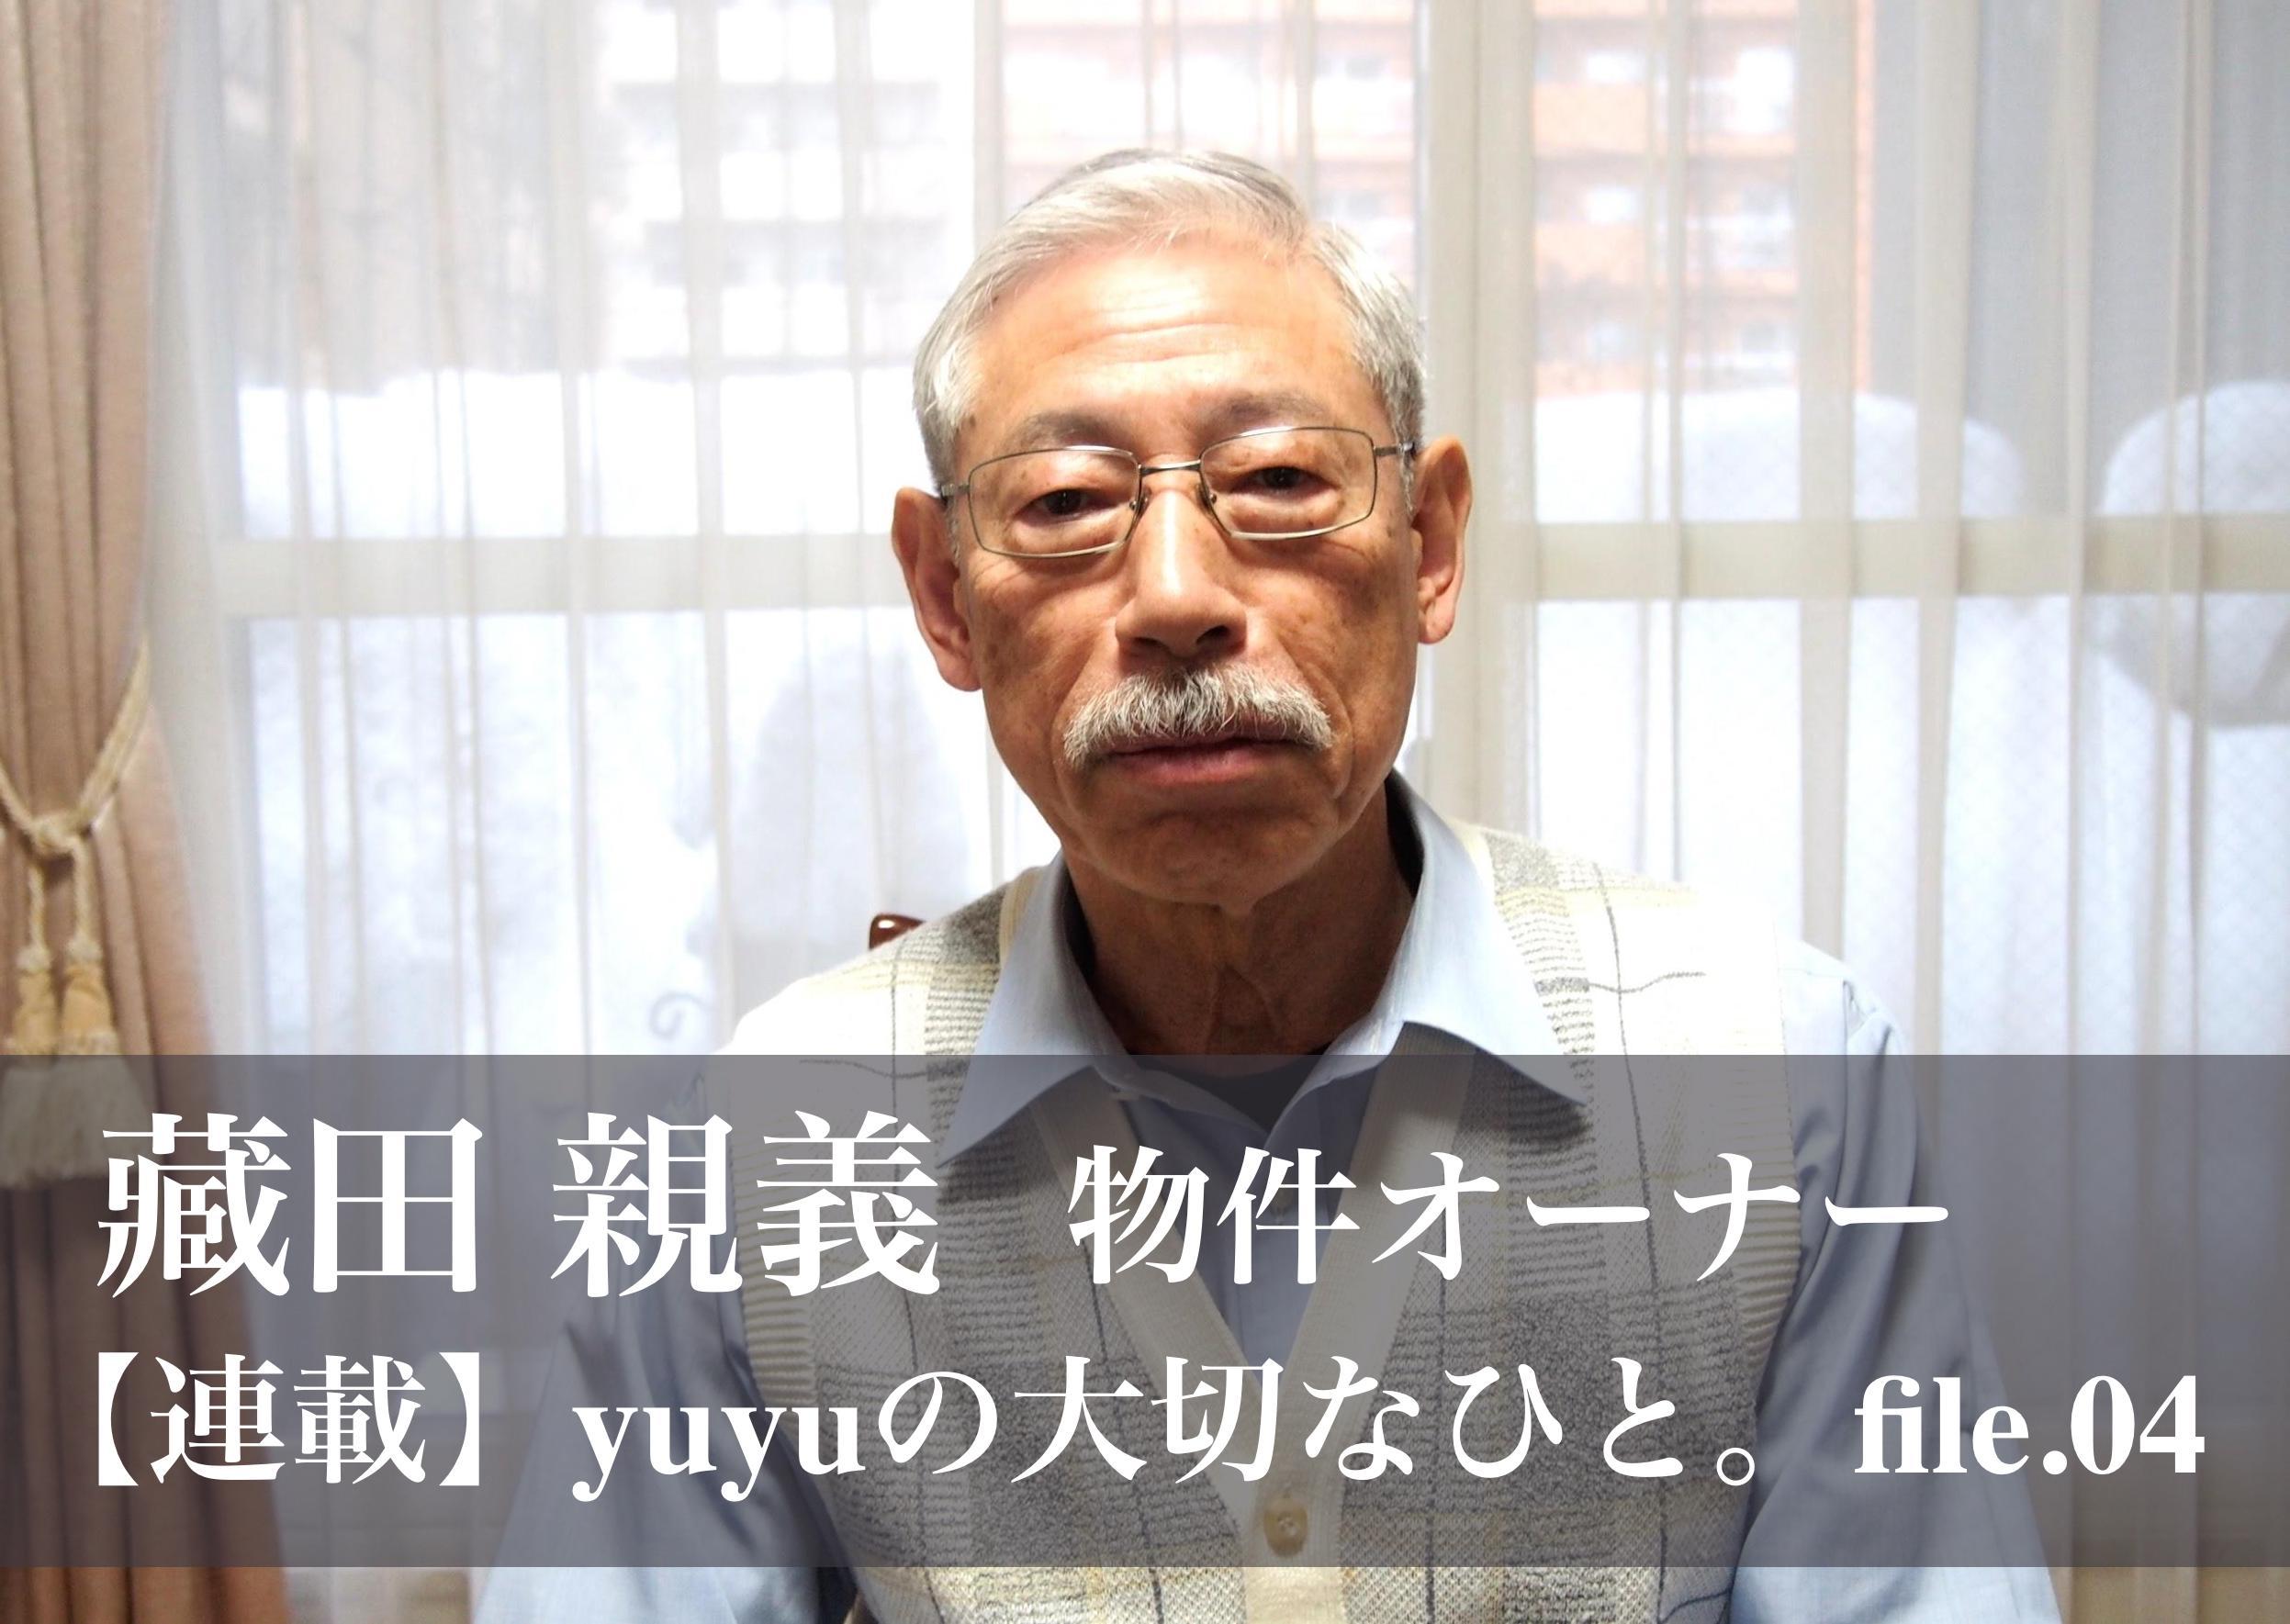 ゲストハウスyuyu物件オーナーの藏田親義さん